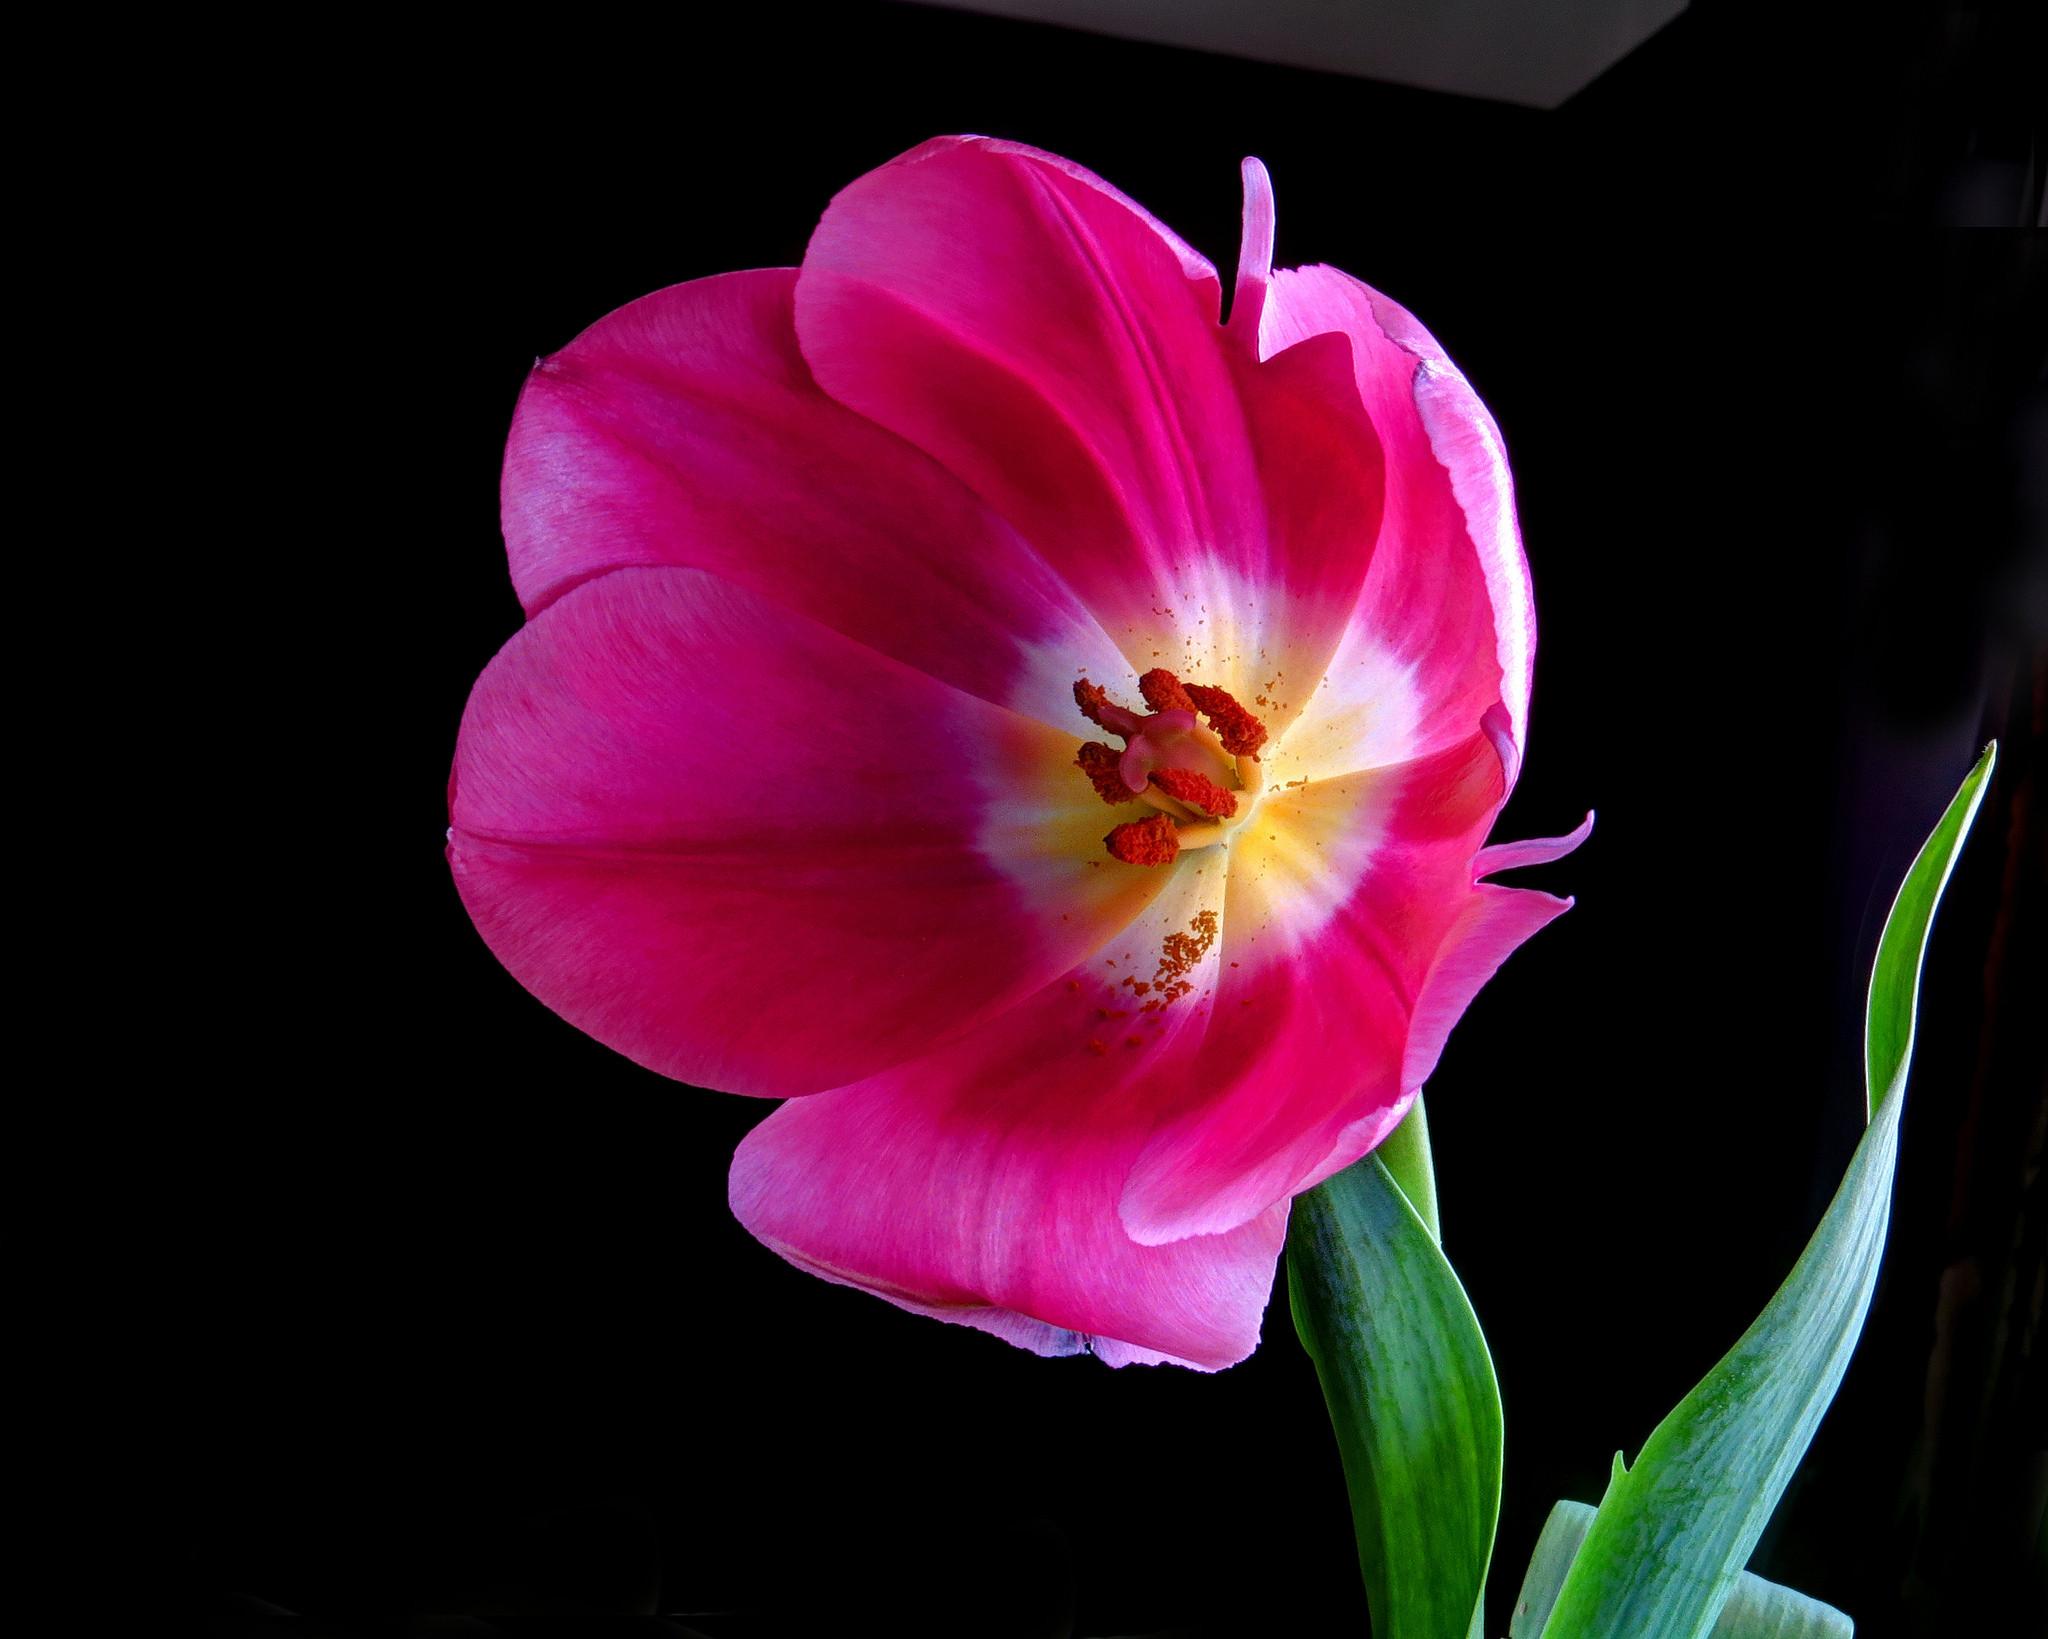 обои Pink Tulip, тюльпан, цветок, флора картинки фото